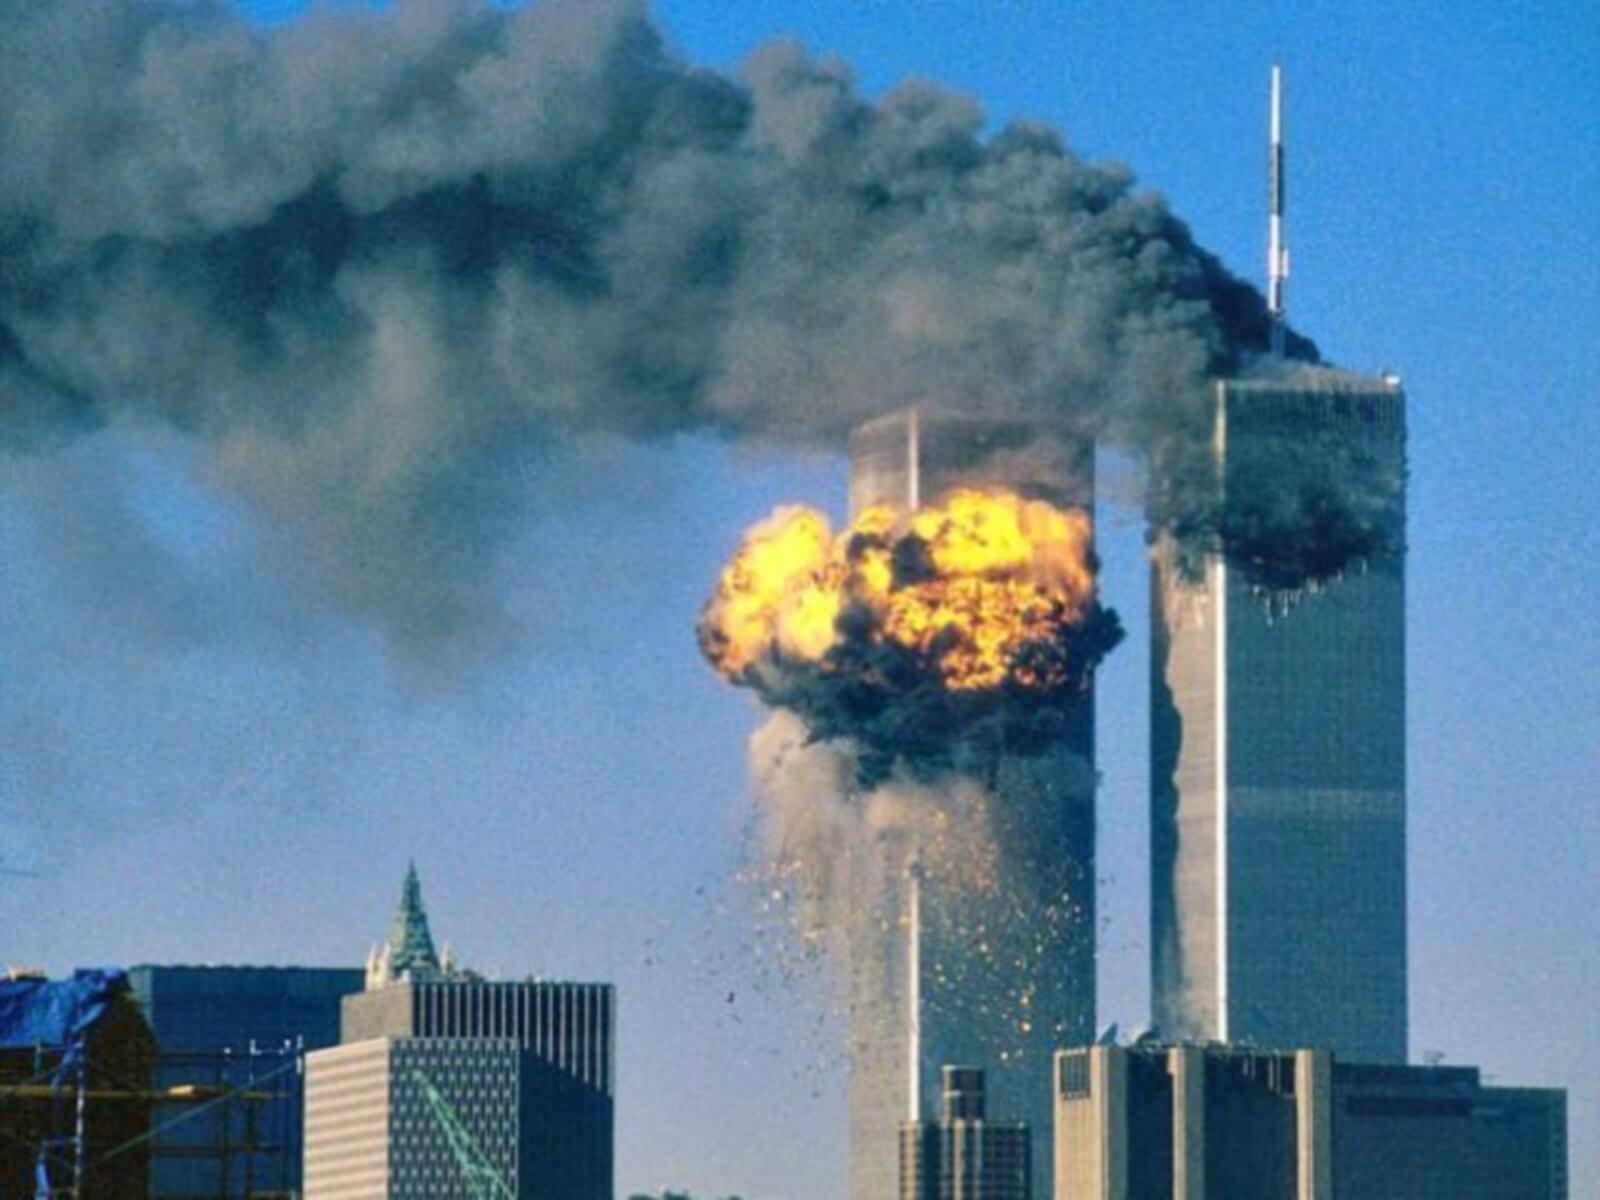 11η Σεπτεμβρίου 2001: Το χρονικό των τρομοκρατικών των επιθέσεων στις ΗΠΑ